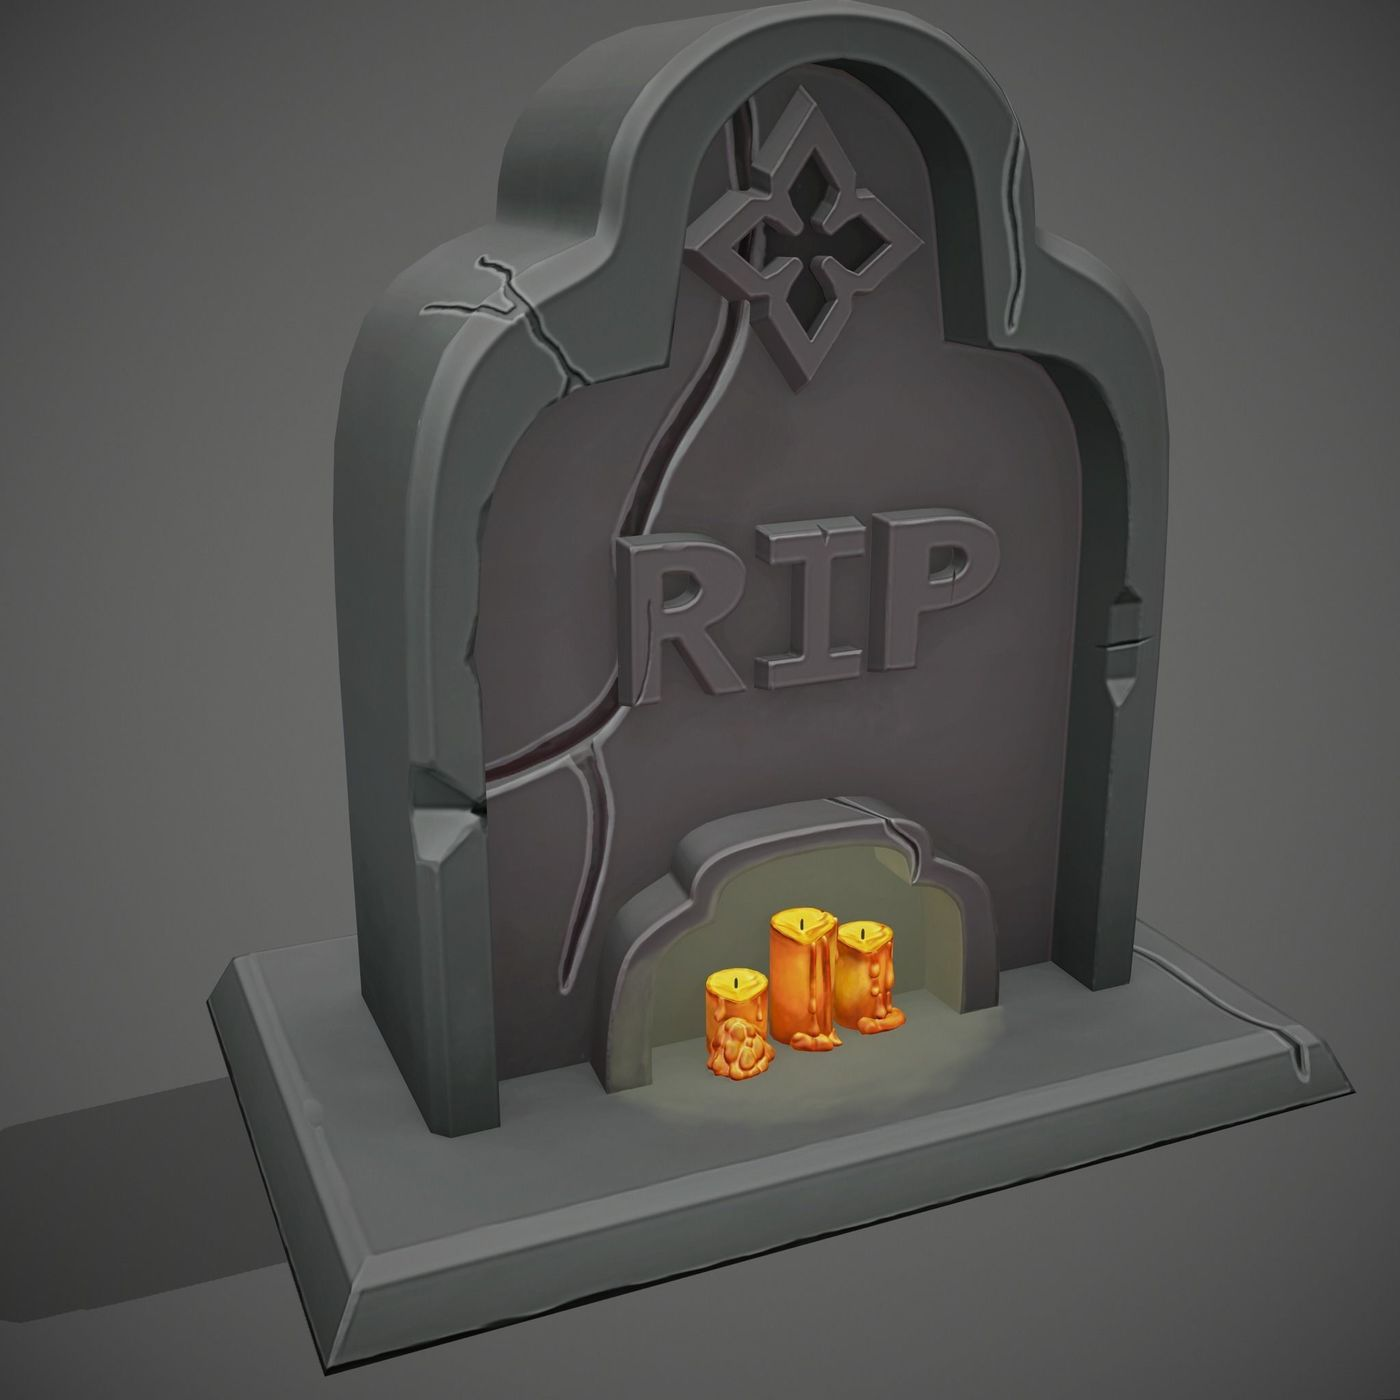 Stylized Grave